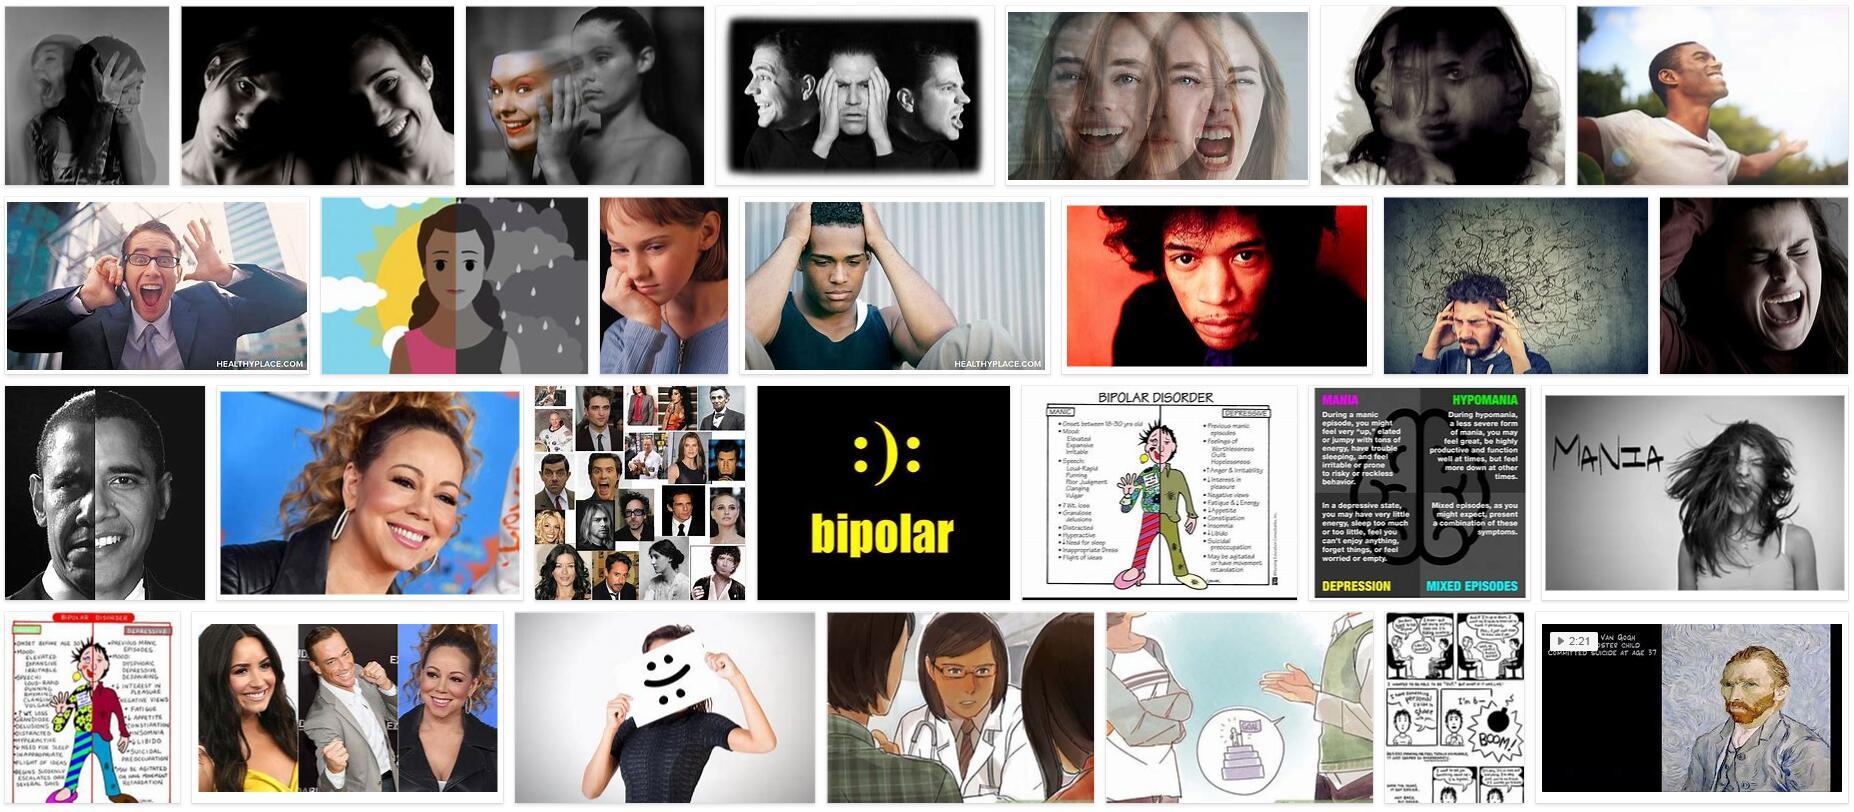 Bipolar Person